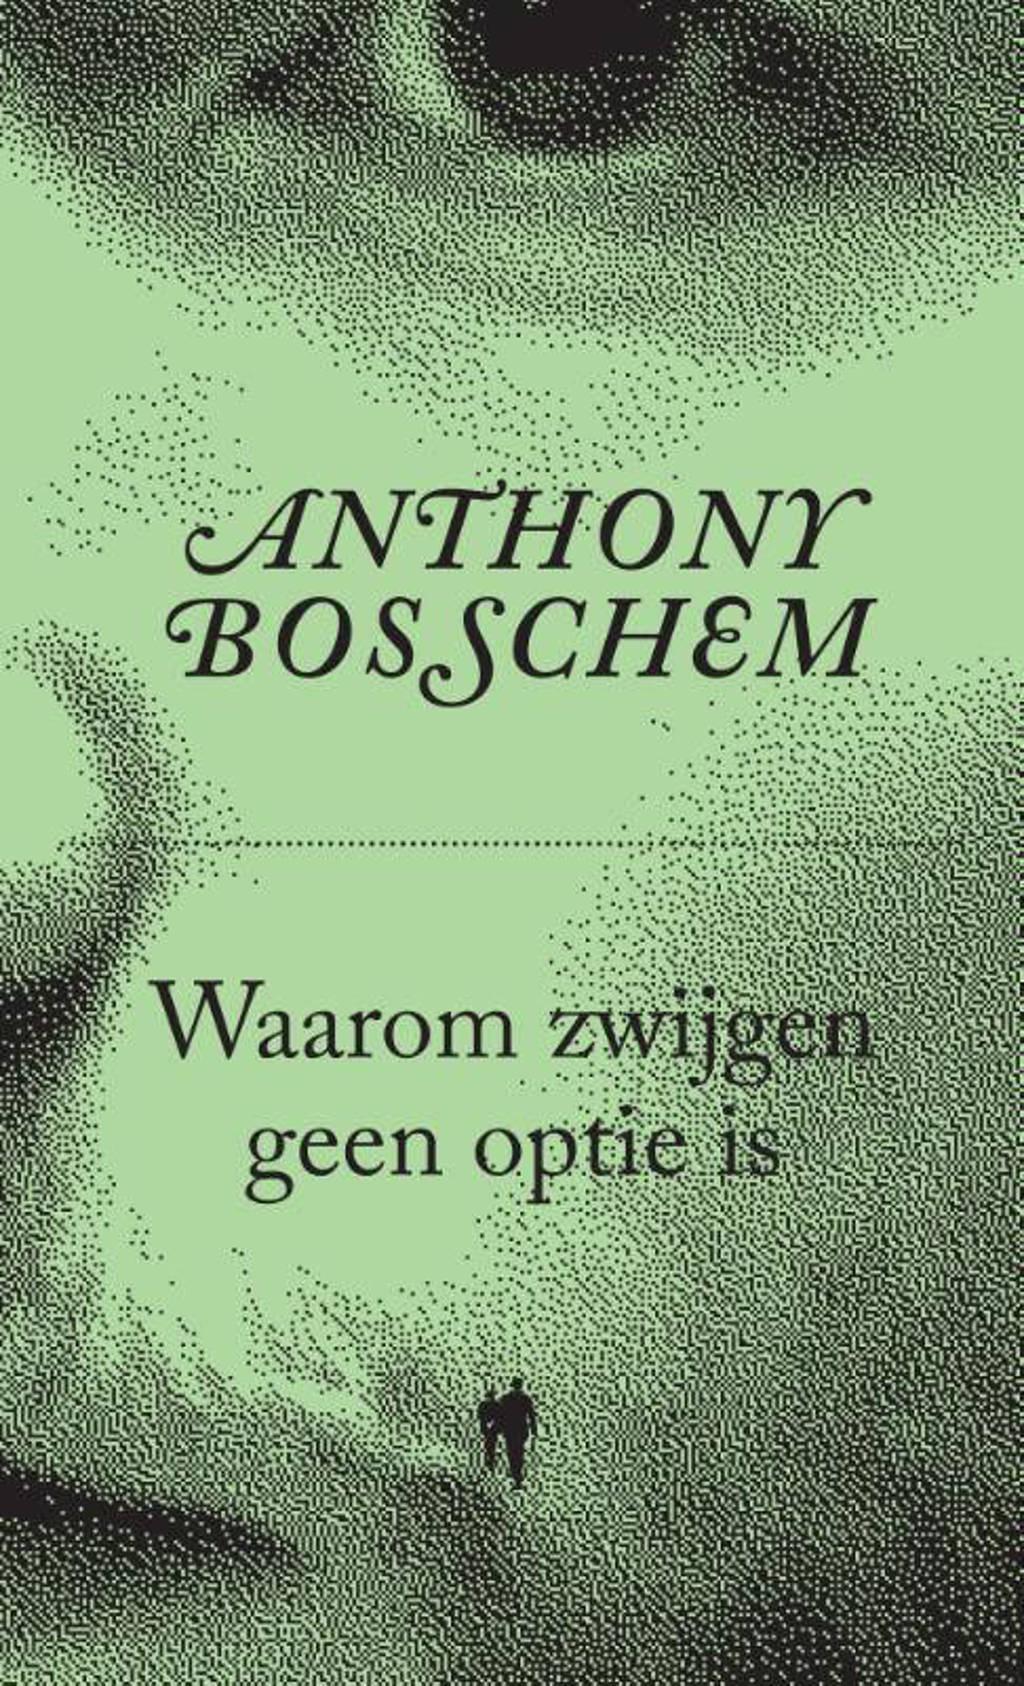 Waarom zwijgen geen optie is - Anthony Bosschem